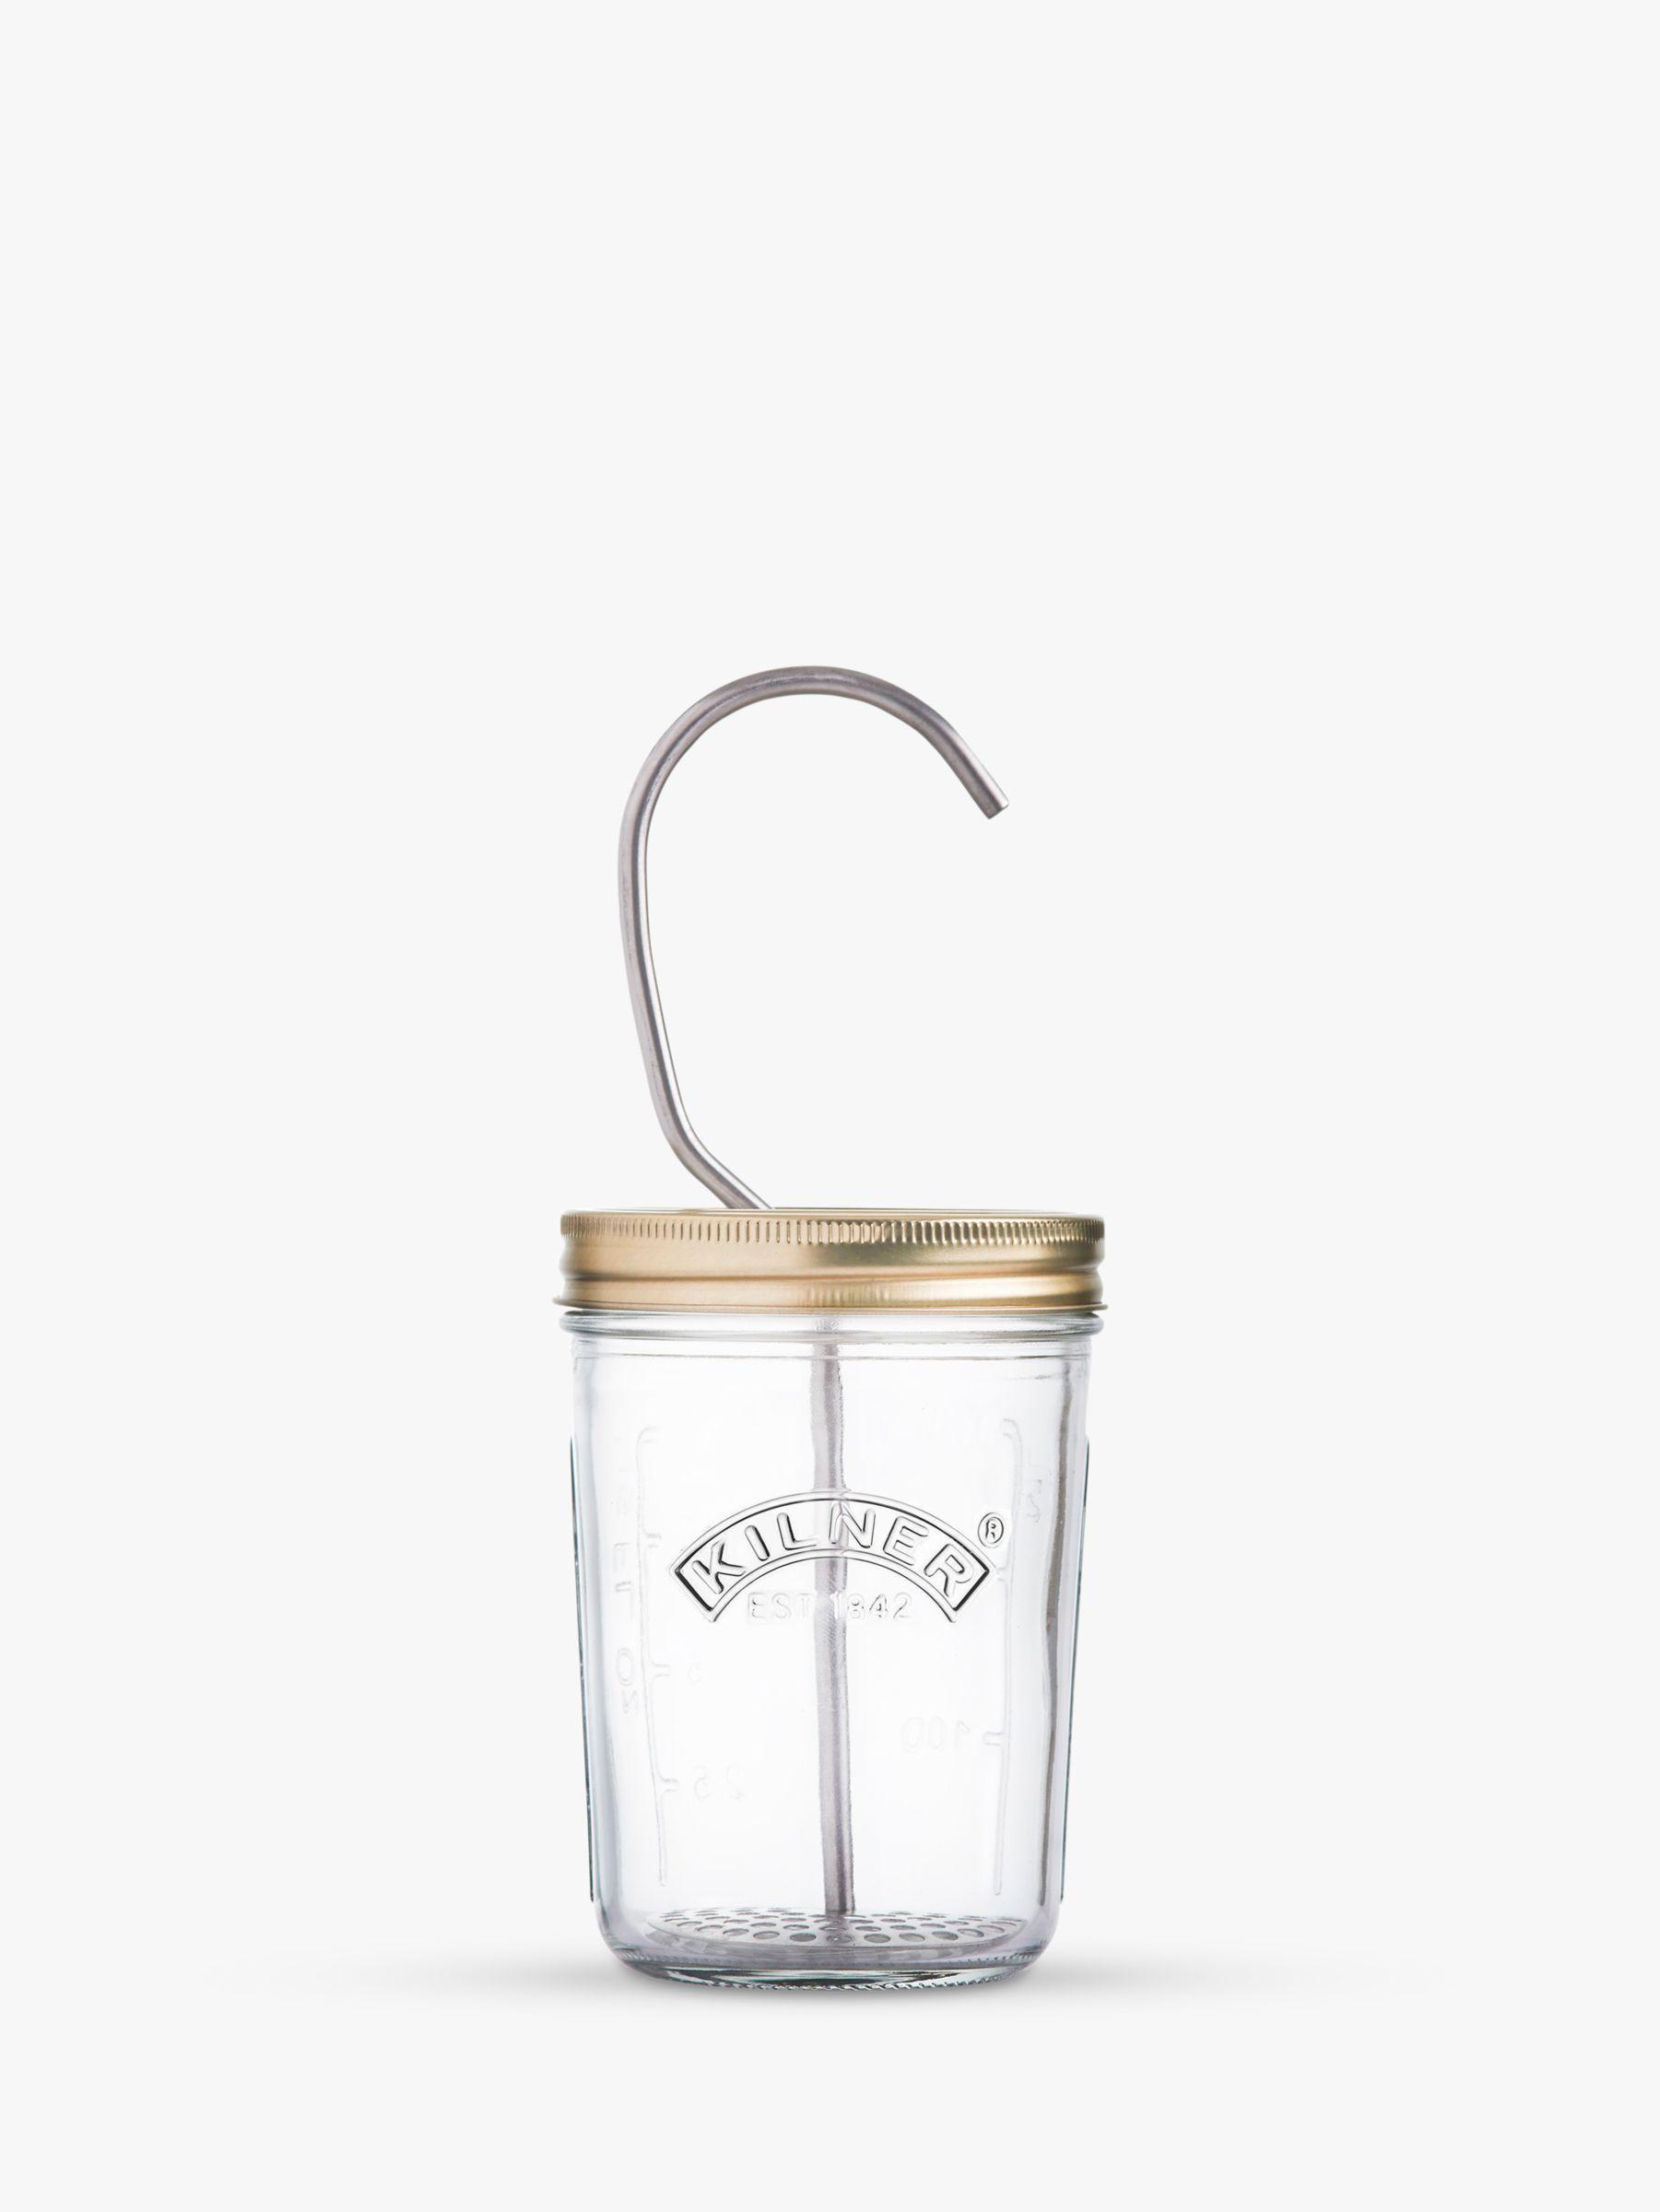 Kilner Kilner Mayonnaise and Saucer Glass Jar Set, 350ml, Clear